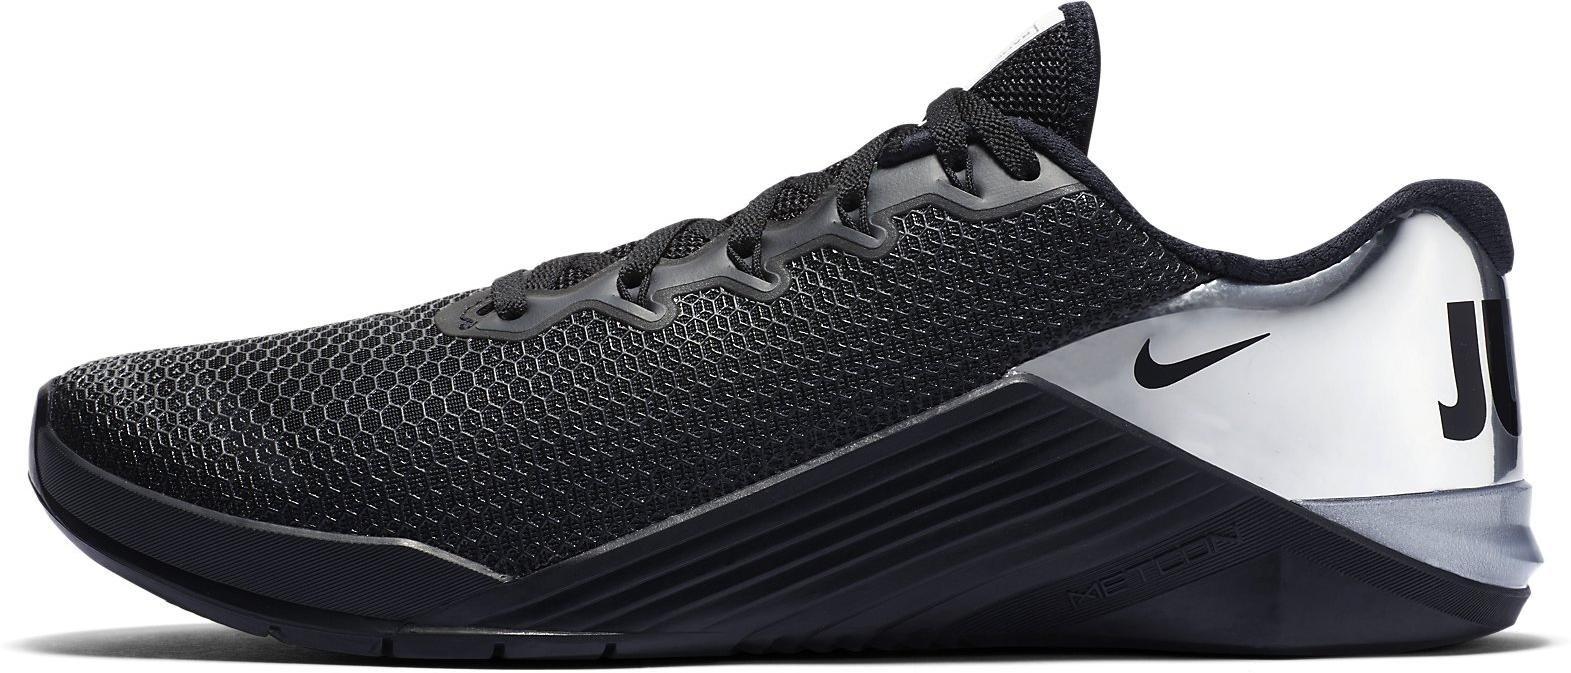 Zapatillas de fitness Nike METCON 5 Top4Fitness.es